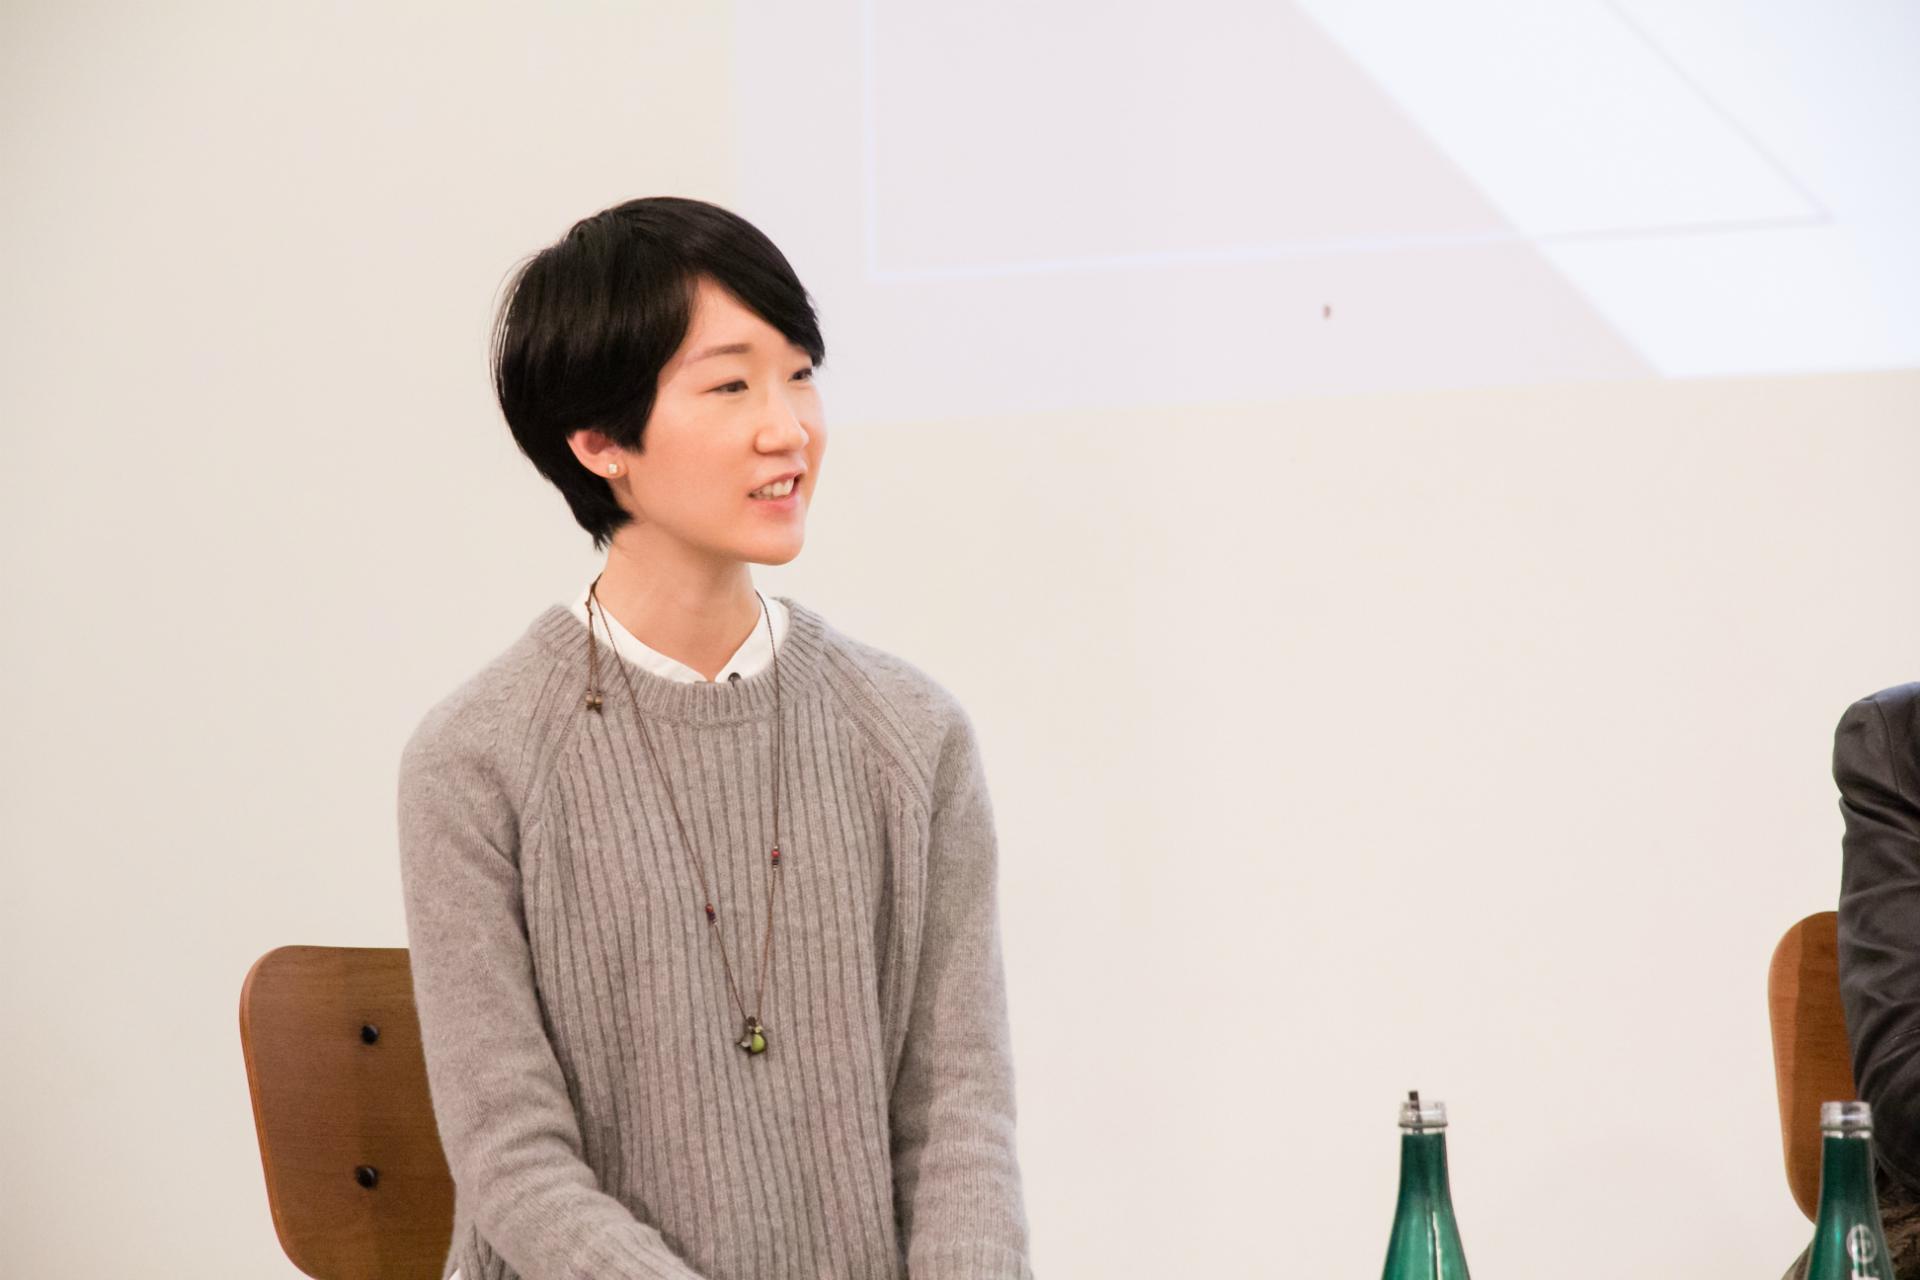 建築師出身,她將華山文創與你生活拉得更近 – 台灣文創發展基金會執行長王沛然